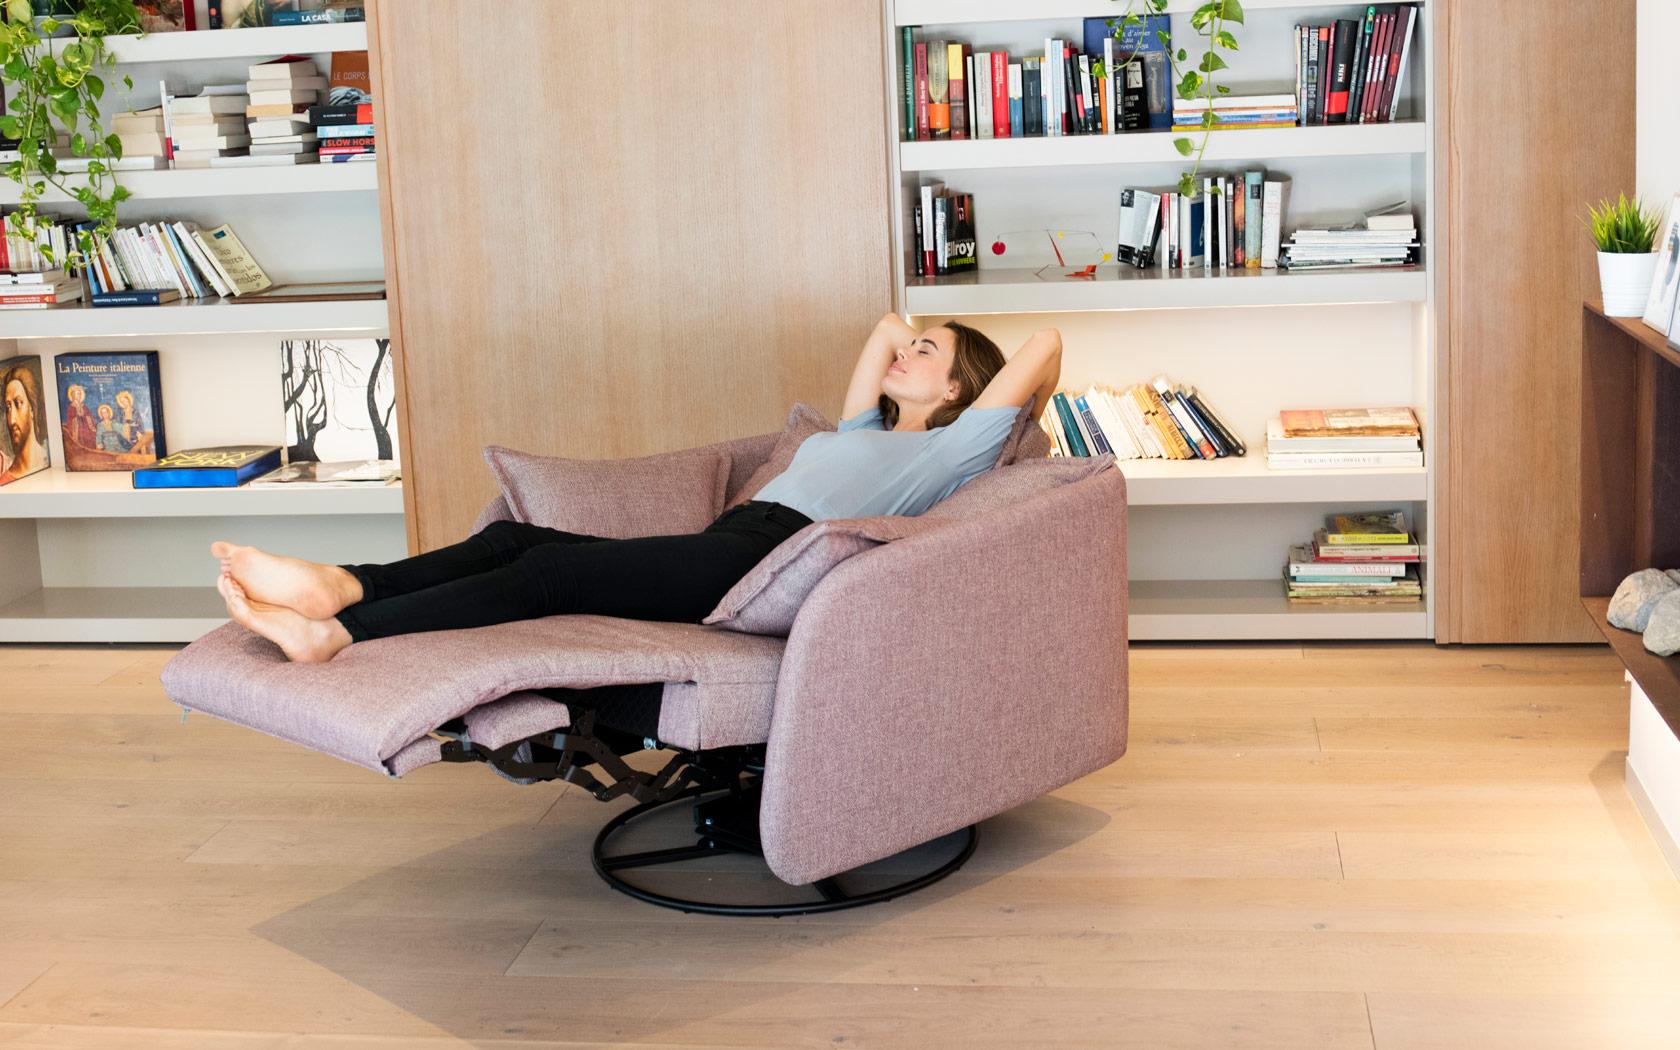 Eva sillón relax 2020 02